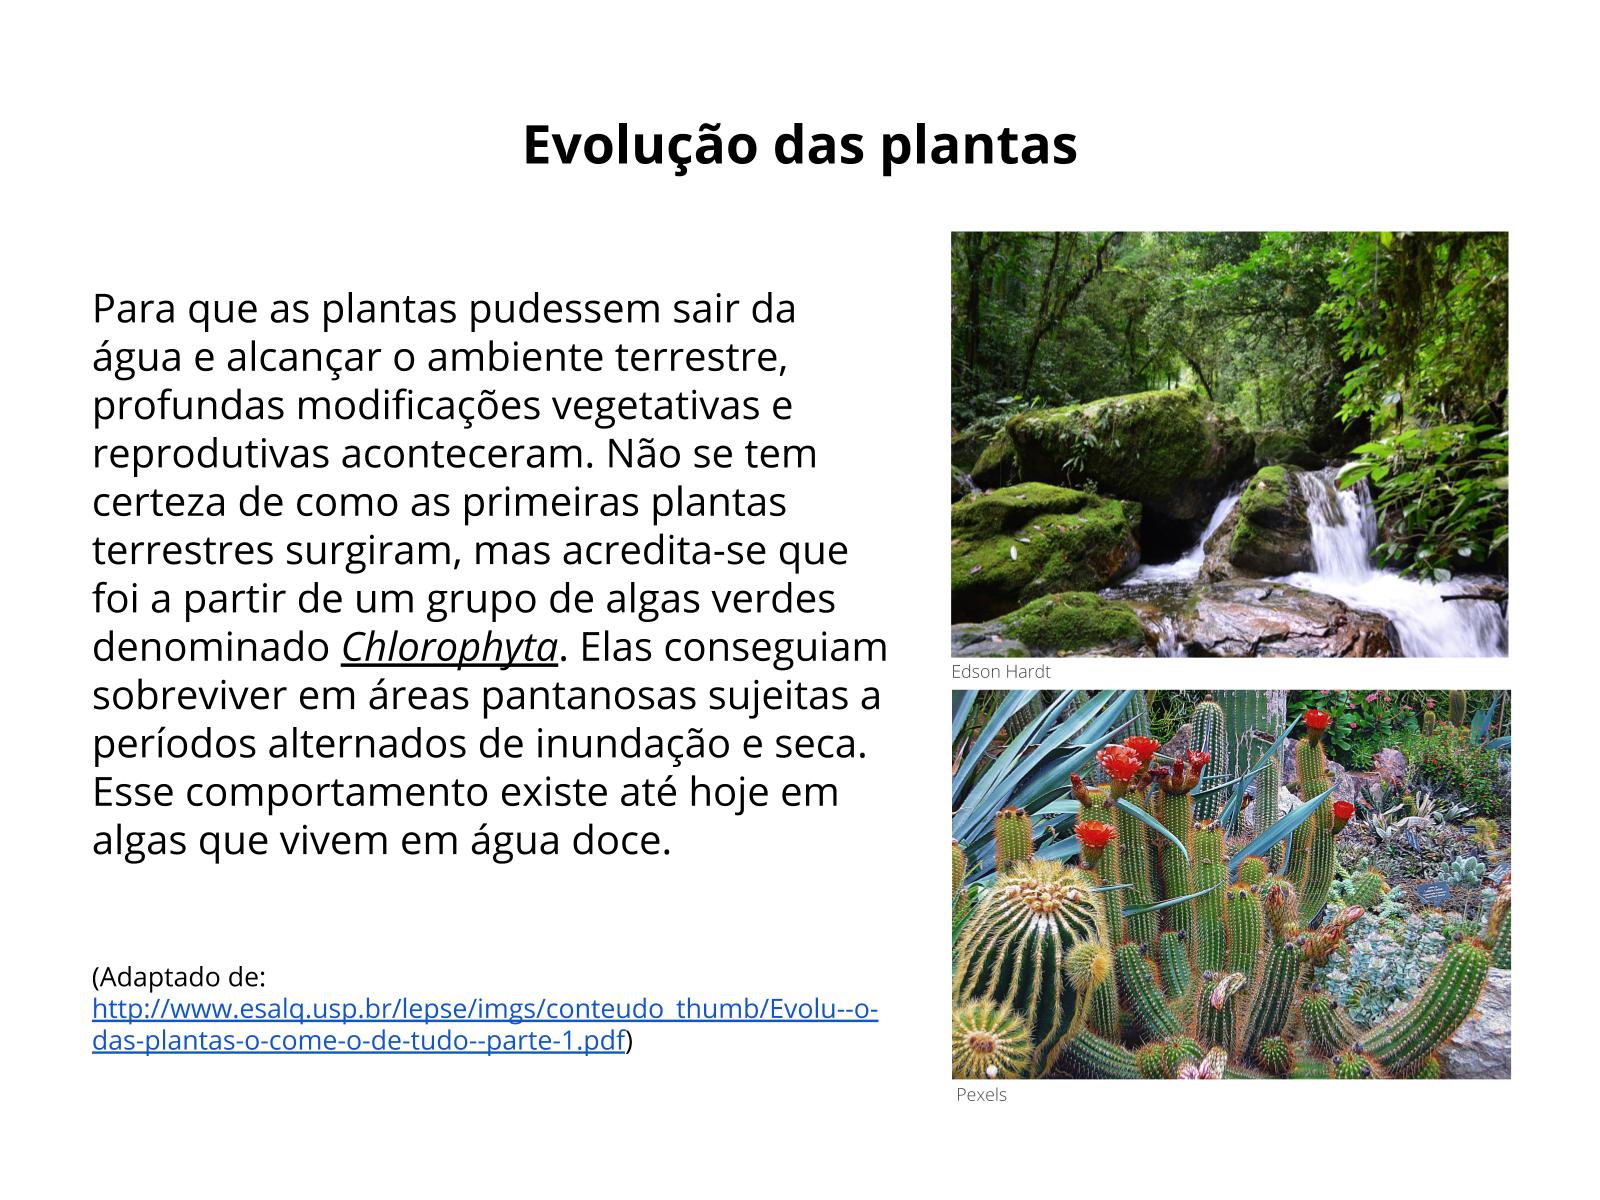 Reprodução das plantas e sua relação com a conquista do ambiente terrestre